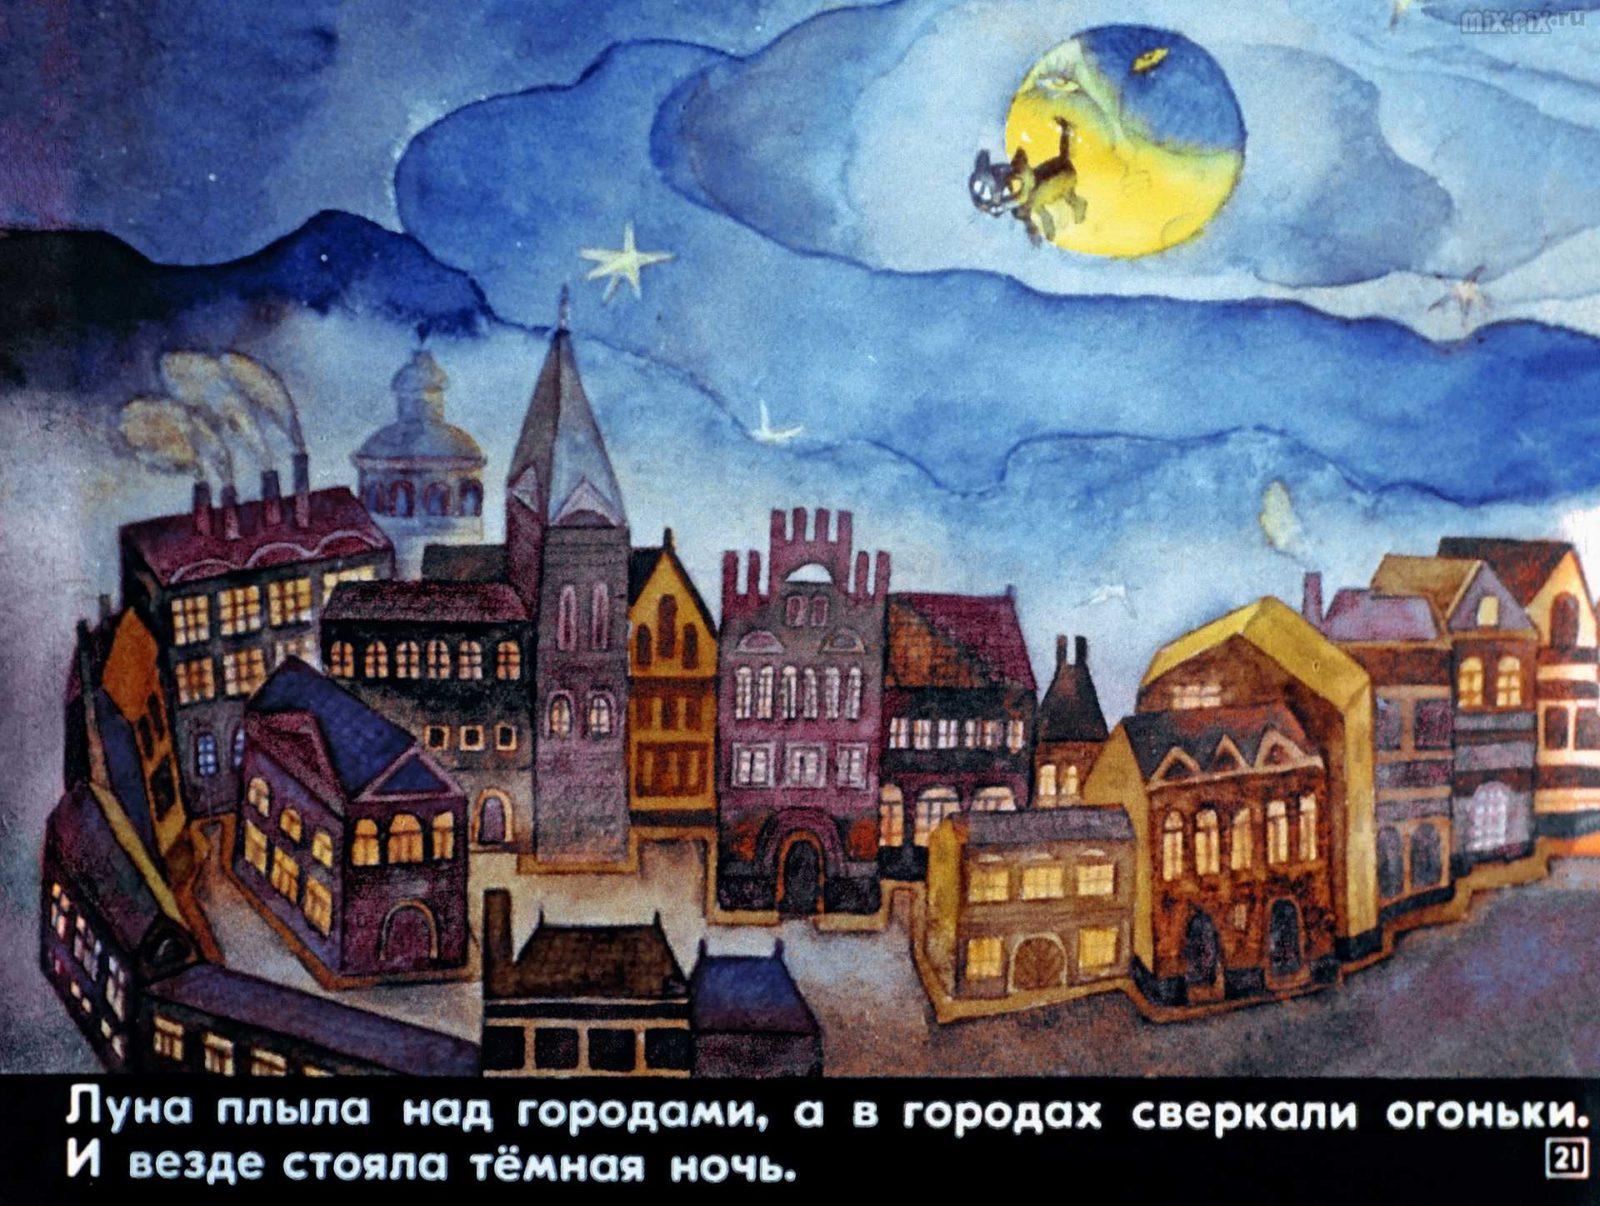 Сказка про лунный свет (1991) 39